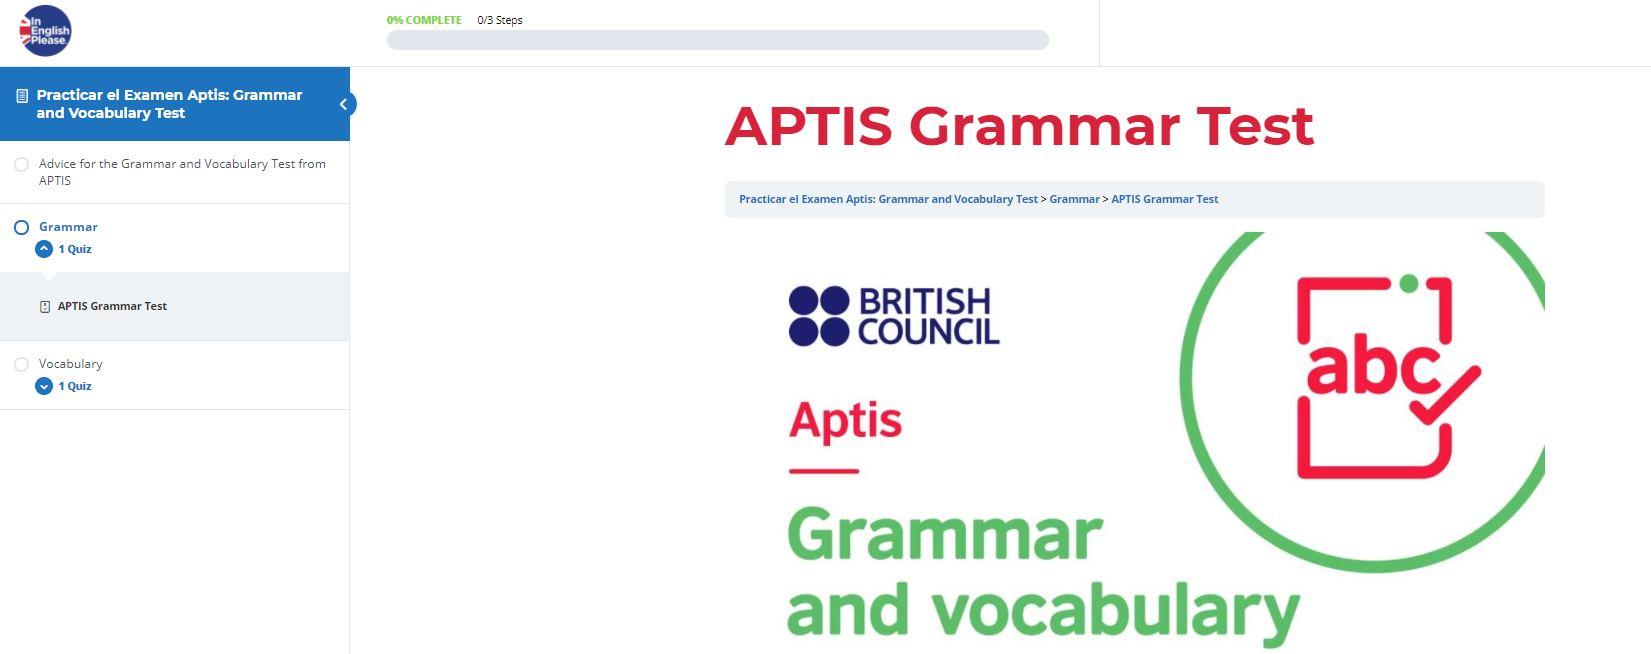 aptis Grammar and vocabulary curso ejemplo del examen de aptis-min